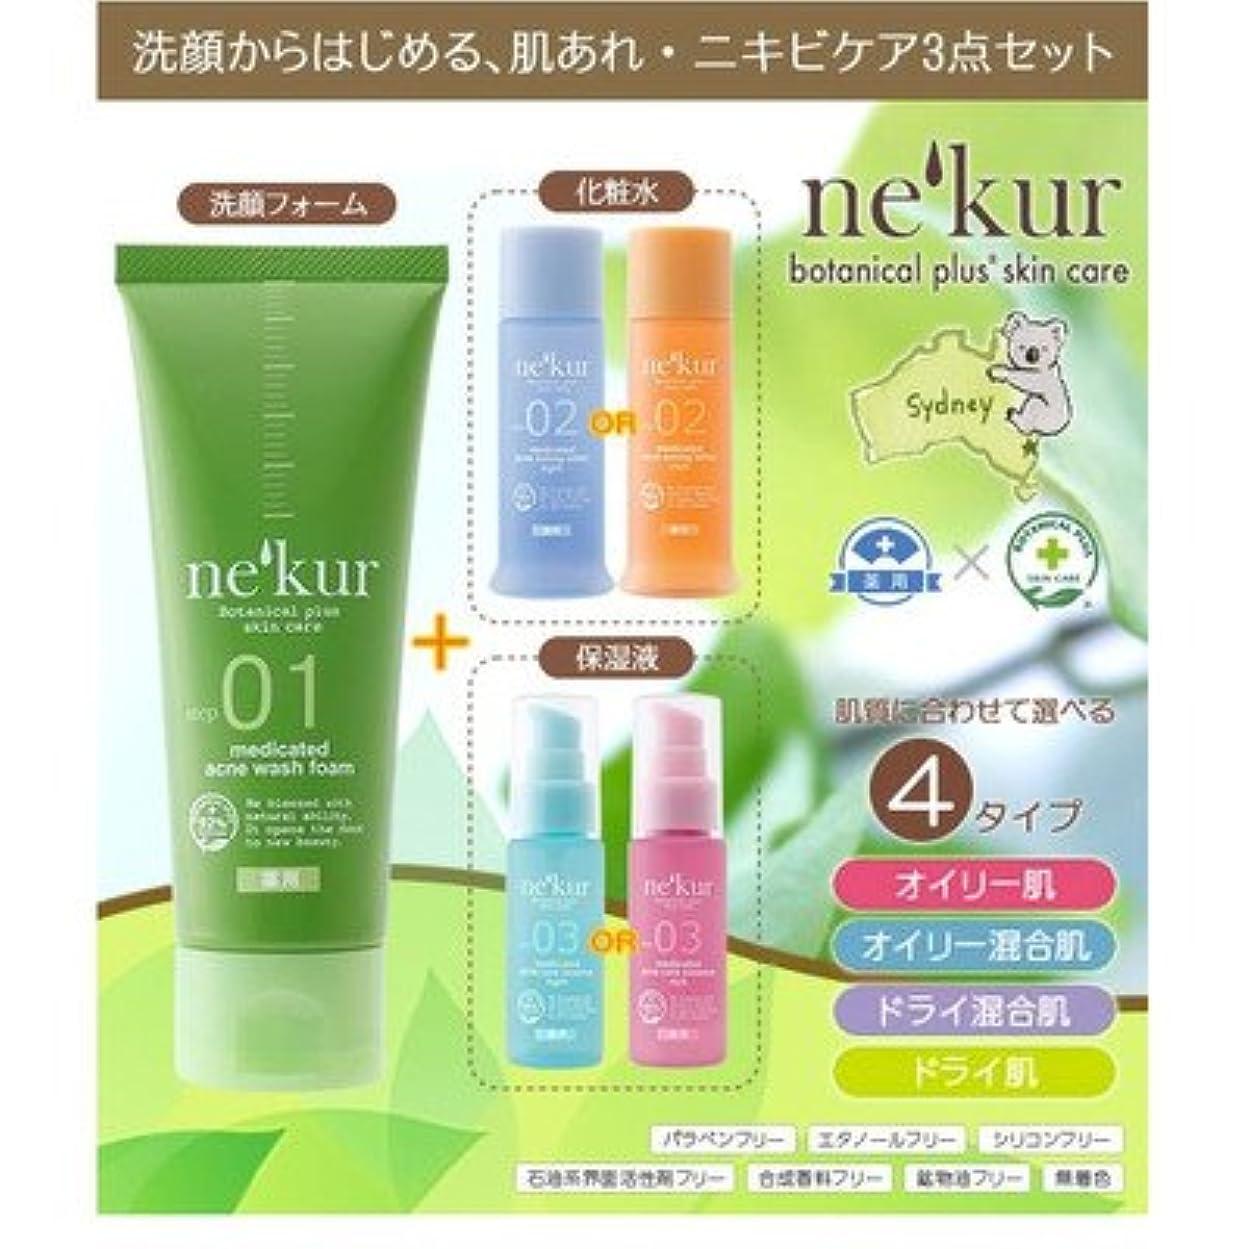 してはいけません面白い寂しいネクア(nekur) ボタニカルプラススキンケア 薬用アクネ洗顔3点セット ドライ混合肌セット( 画像はイメージ画像です お届けの商品はドライ混合肌セットのみとなります)